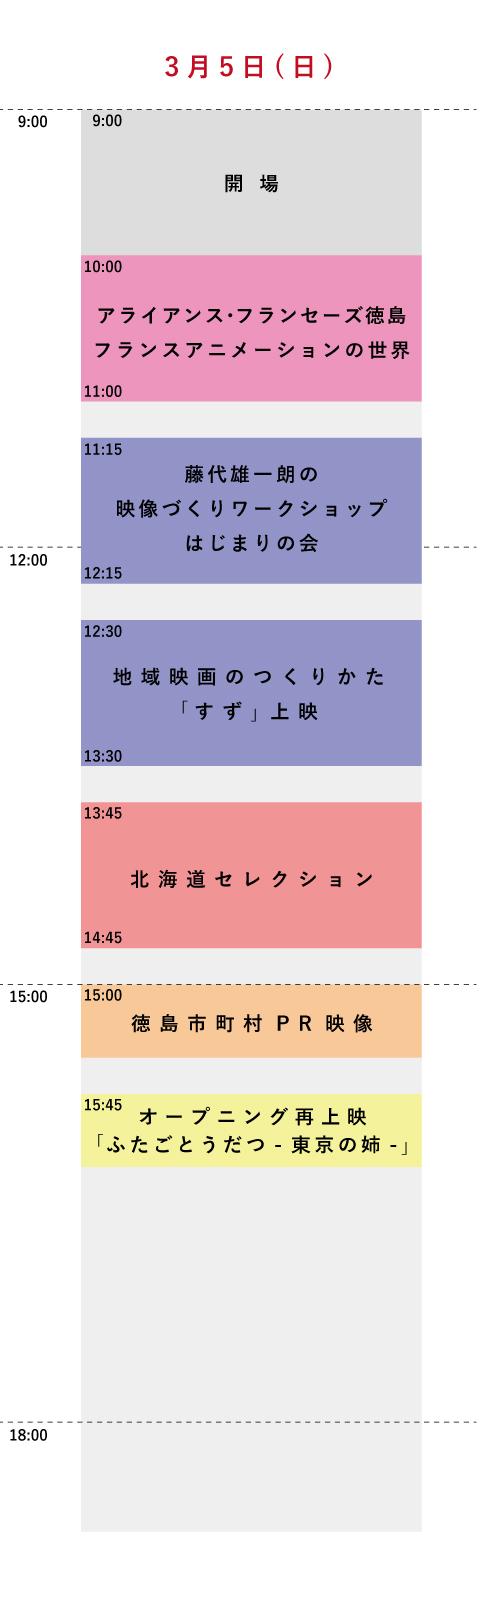 schedule_2+.jpg